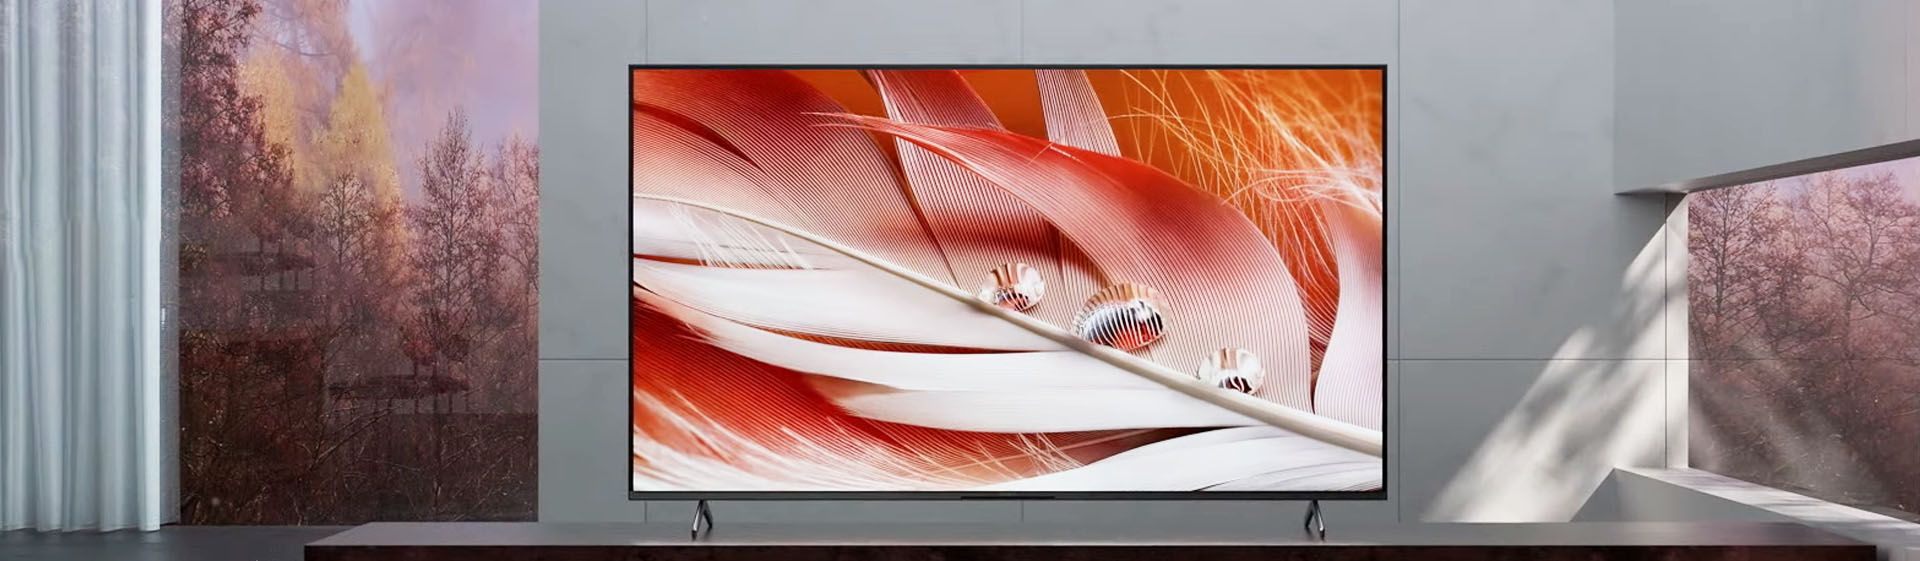 Sony anuncia modelos 8K LED, 4K OLED, 4K LED na nova linha de TVs Bravia com inteligência cognitiva